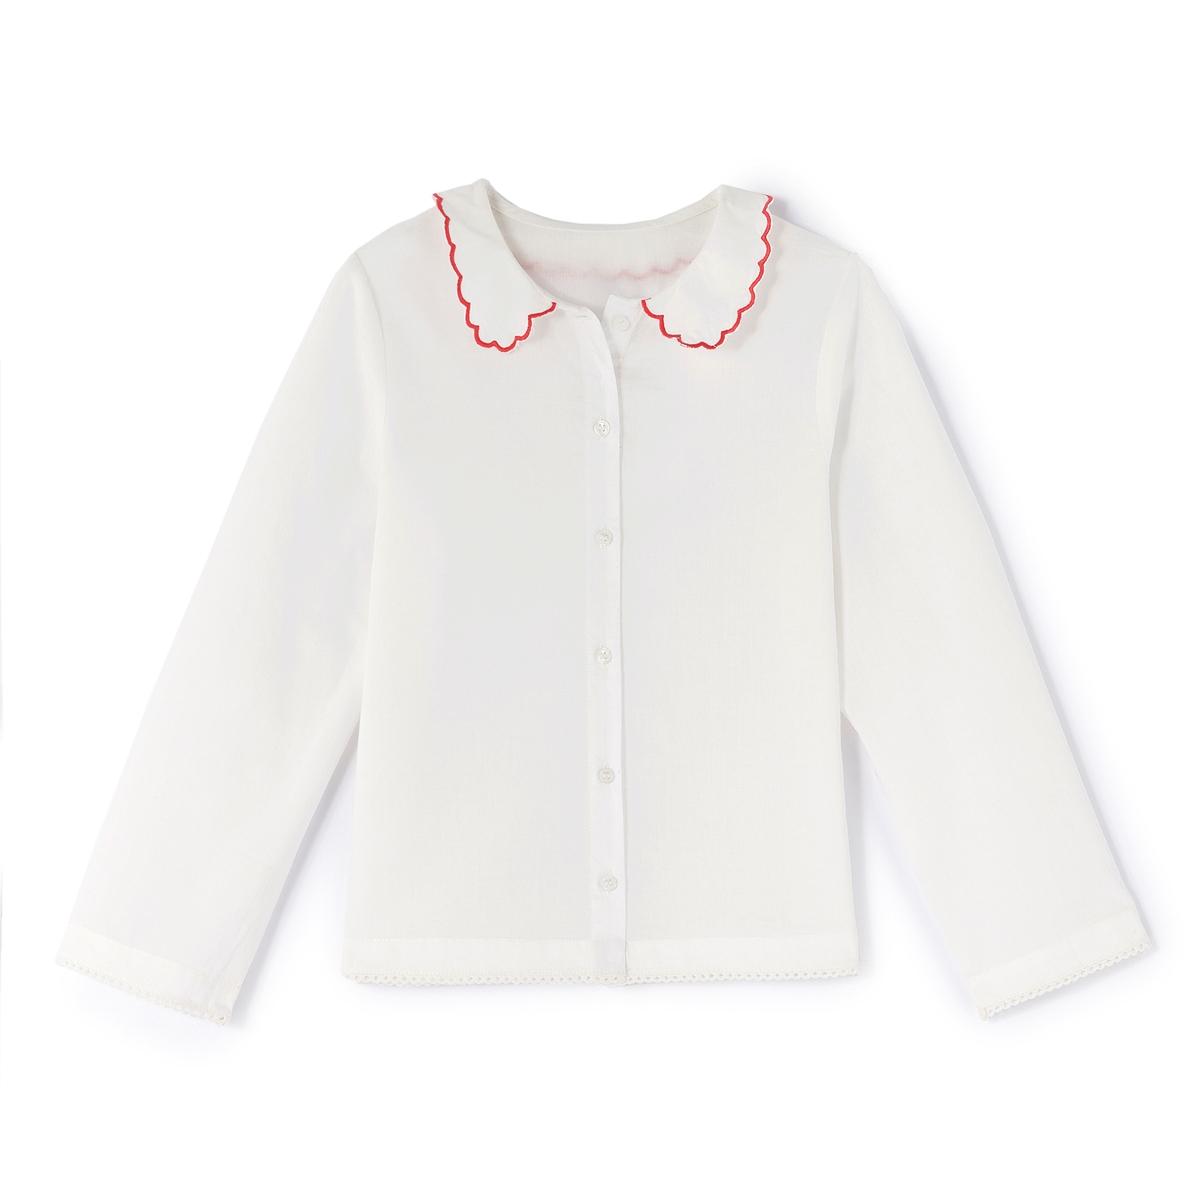 Блузка с закругленным отложным воротником, 3-12 лет